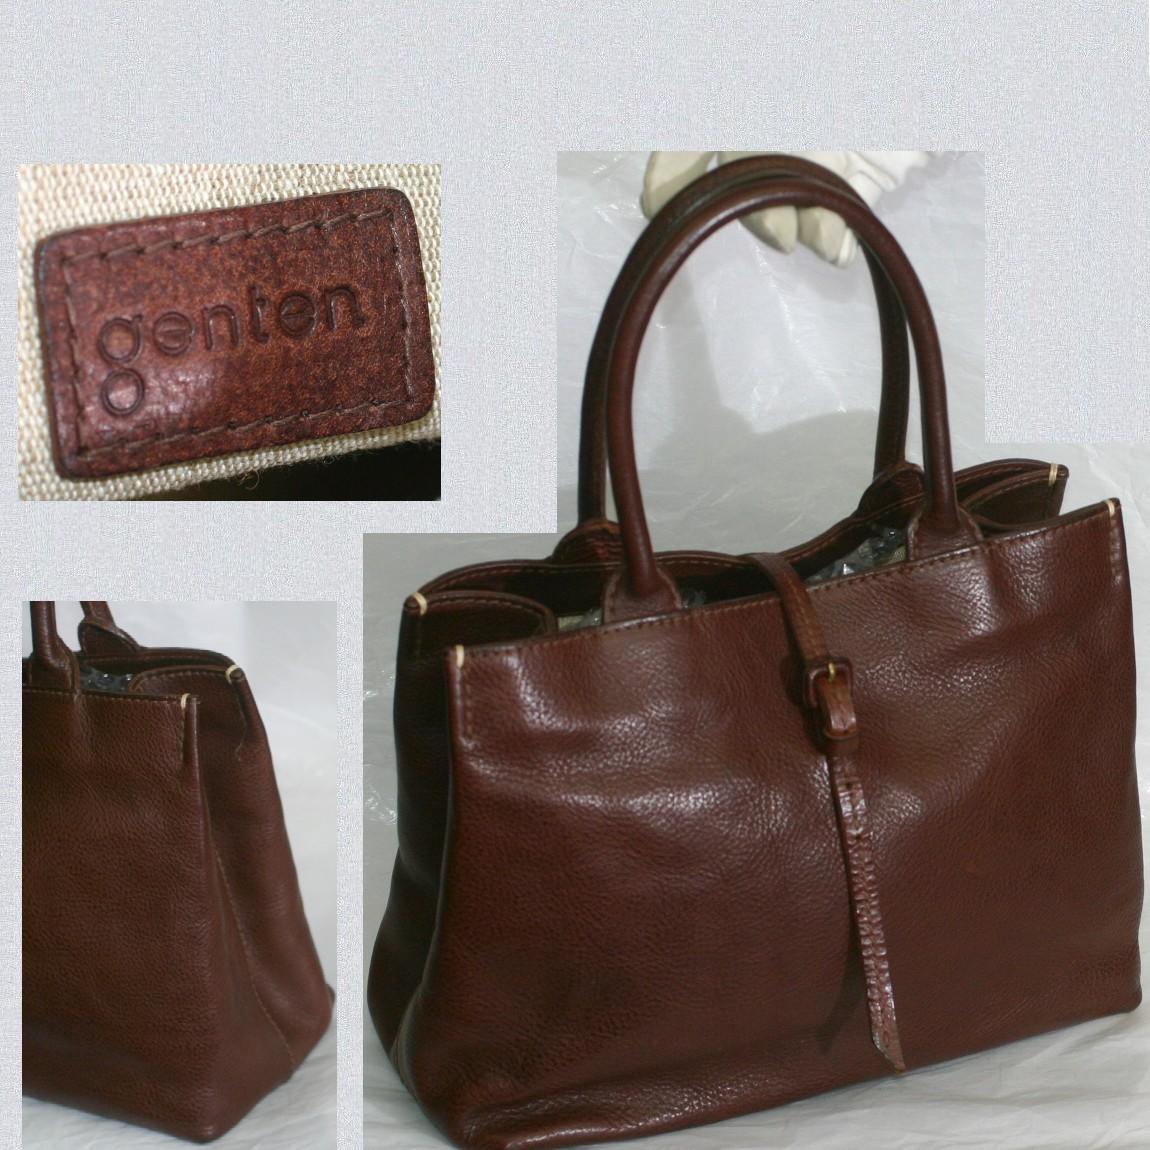 【中古】本物綺麗GENTENゲンテンの焦げ茶色革女性用トートバッグ サイズW29H20,5D10cm